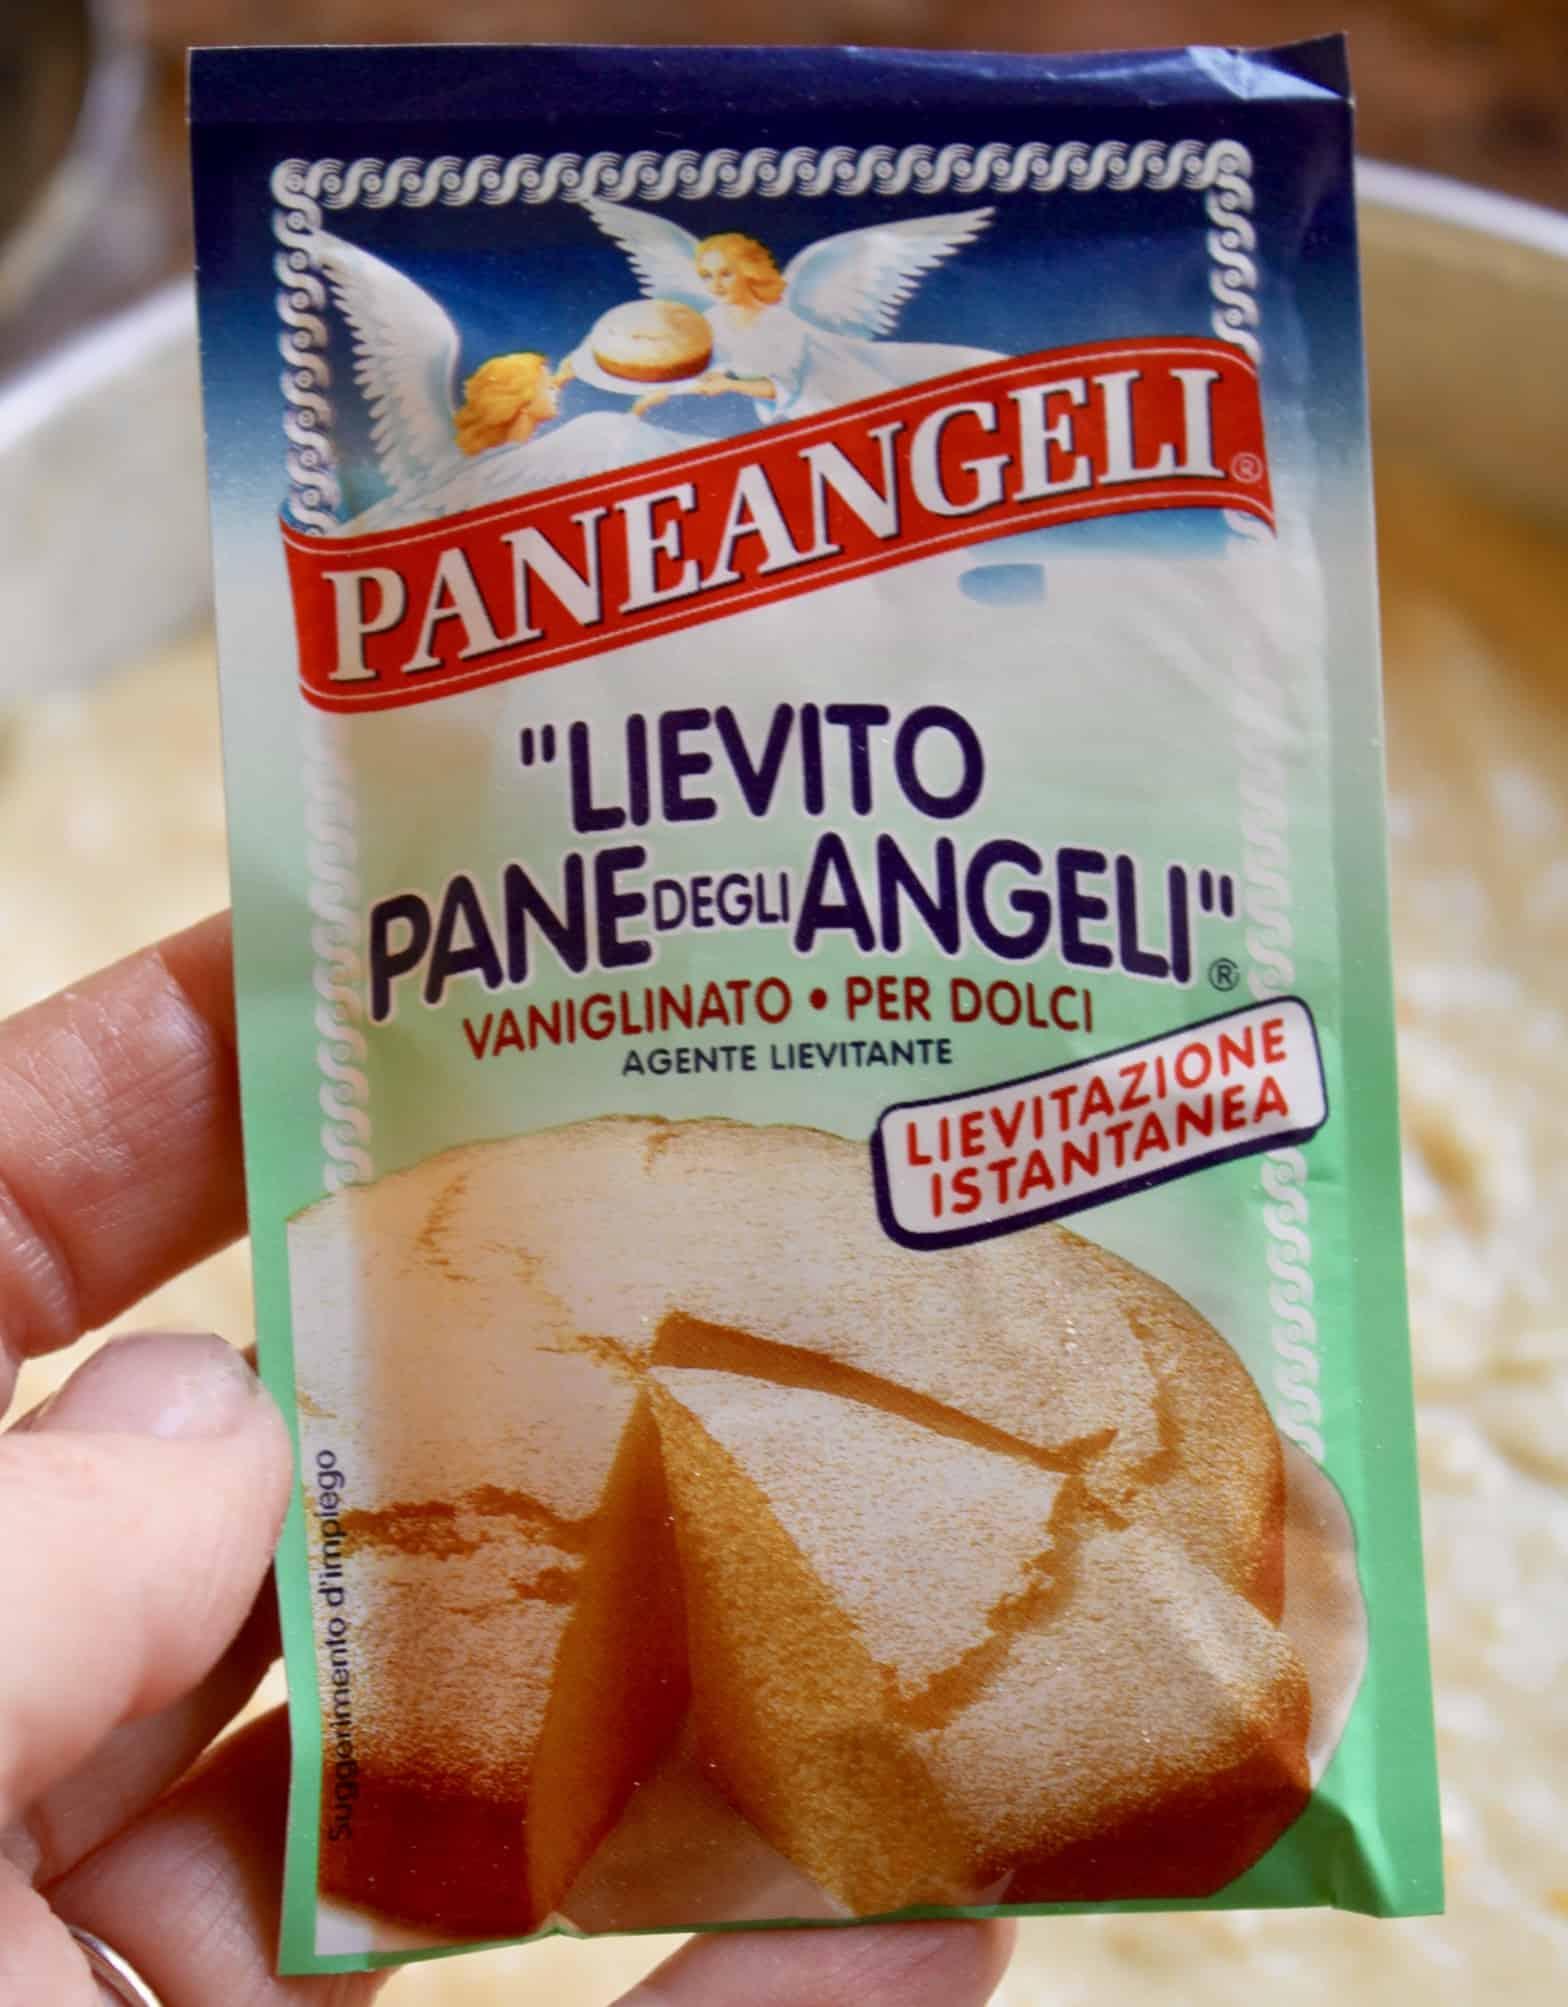 paneangeli italian yeast for cake